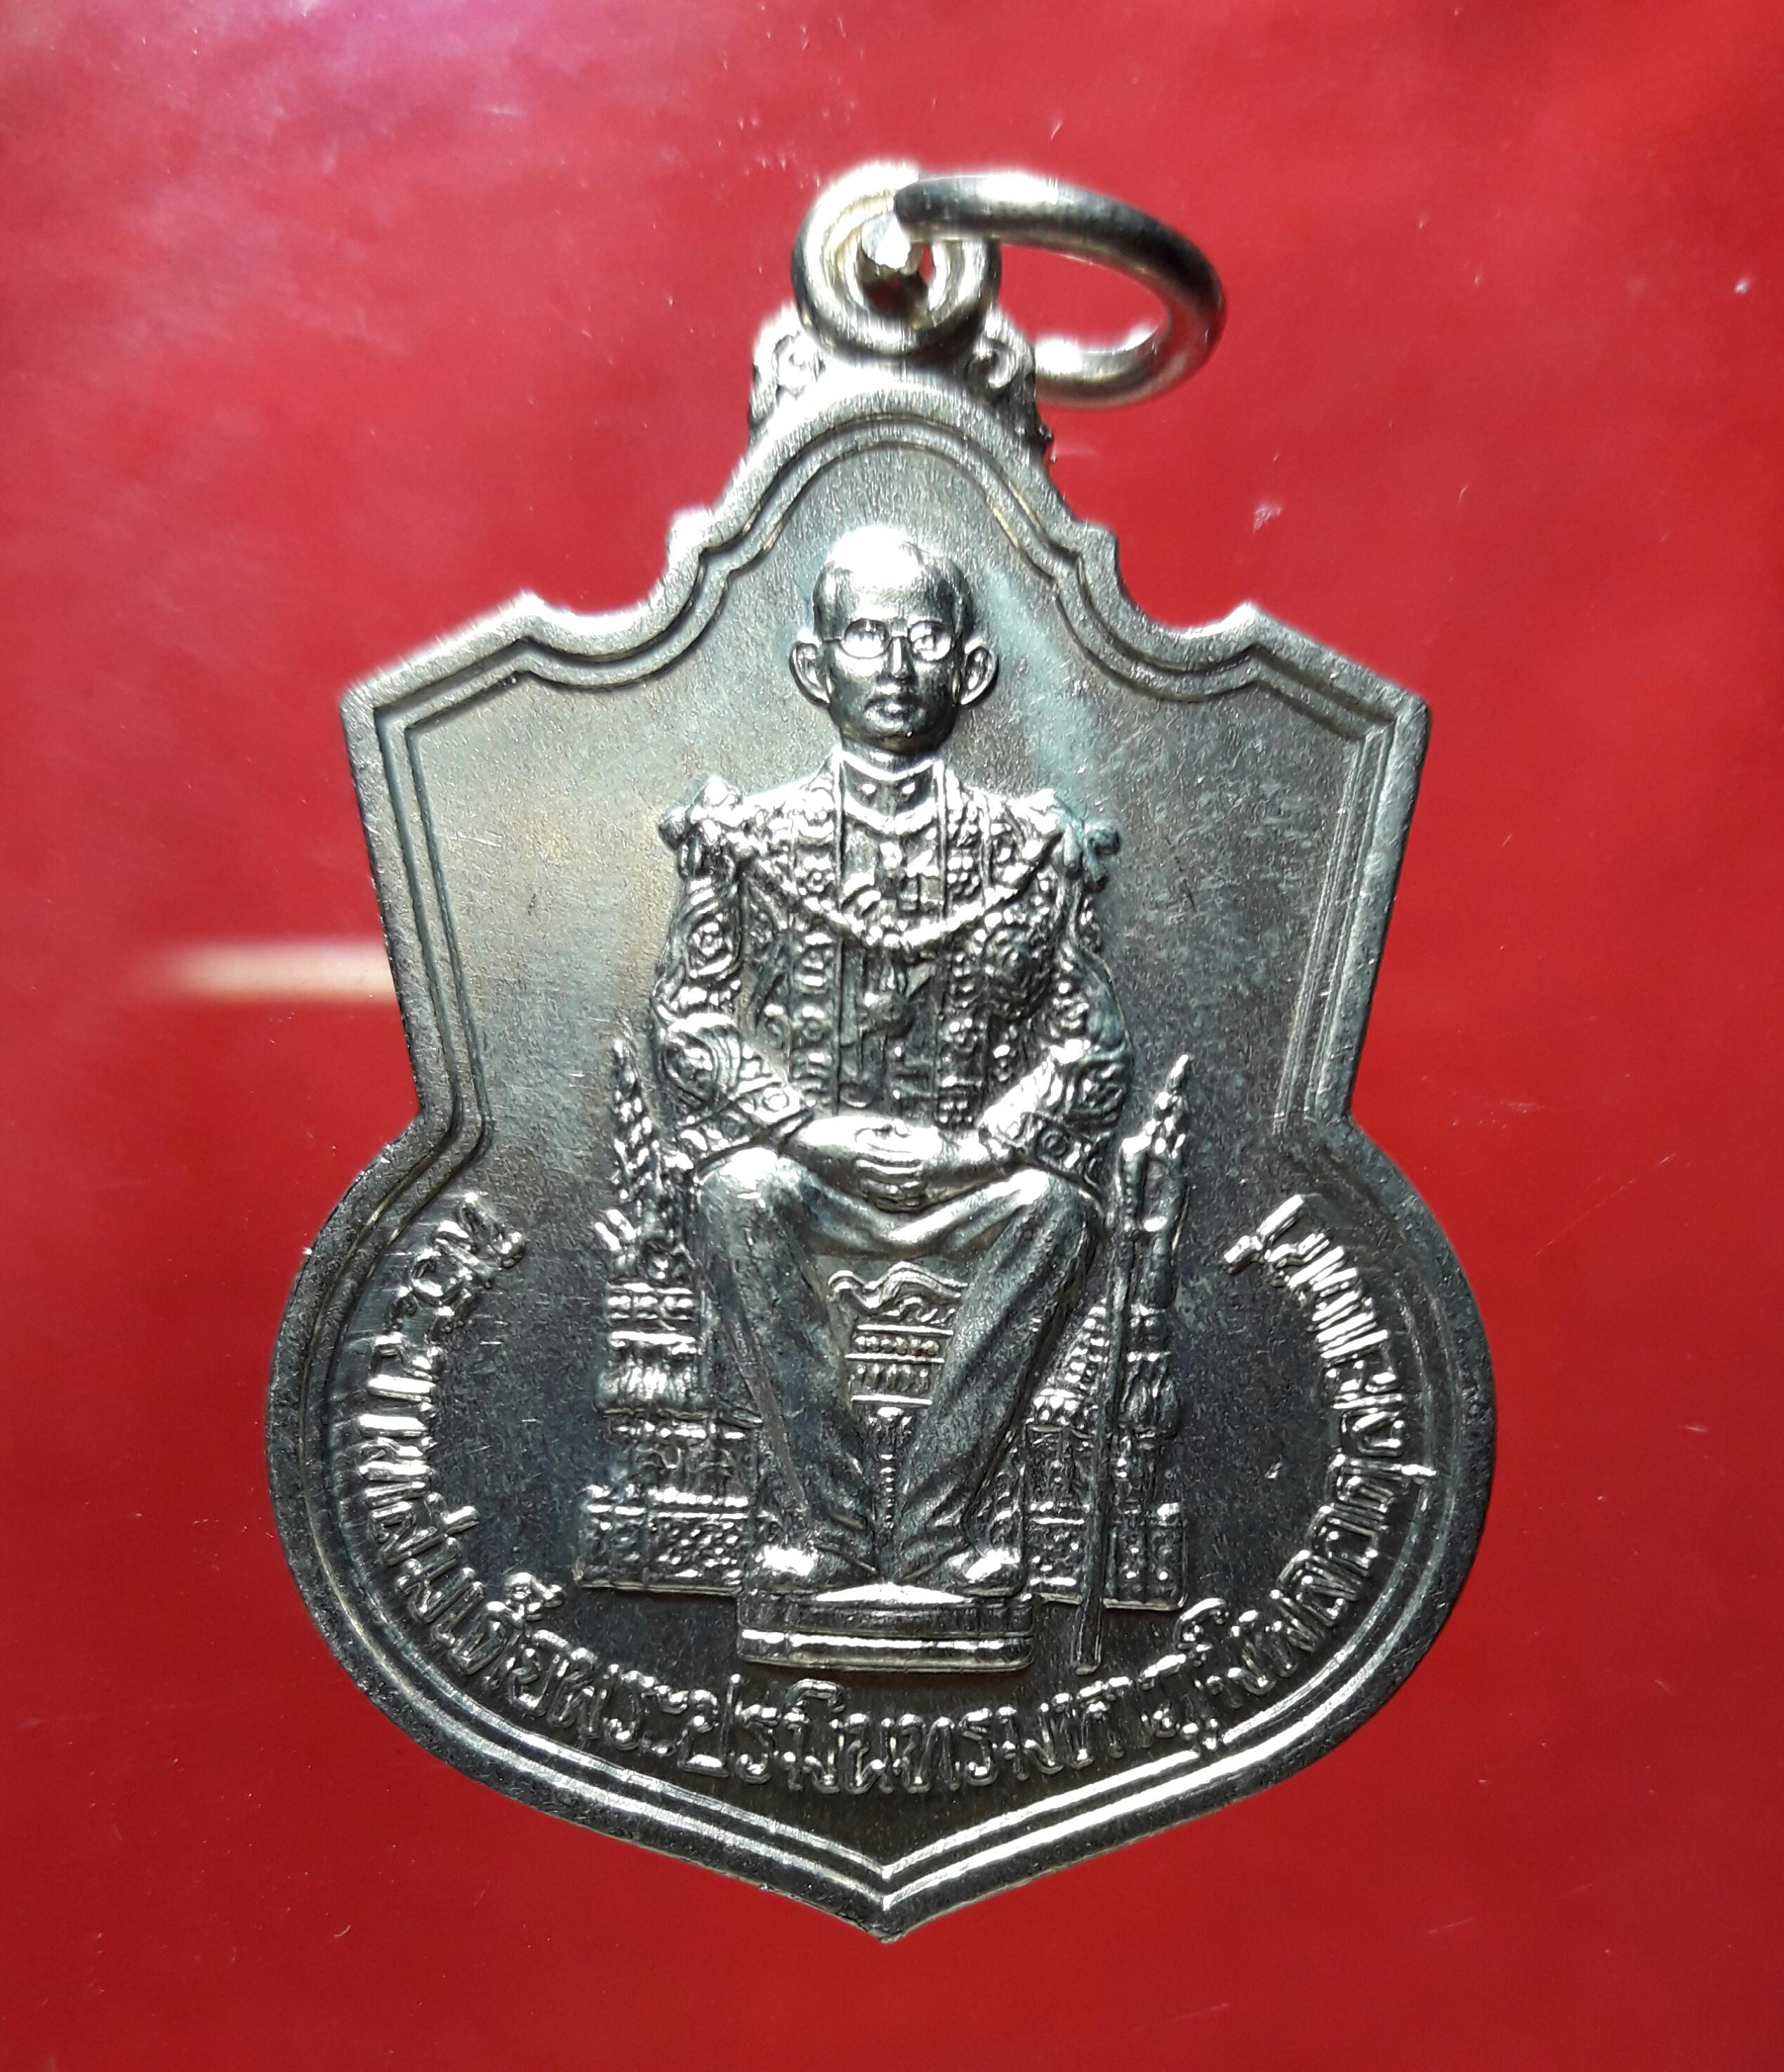 เหรียญในหลวง รัชกาลที่9 นั่งบัลลังค์ ฉลองครองราชย์ 50 ปี พ.ศ. 2539 เนื้ออัลปาก้า สวยซองเดิมๆครับ